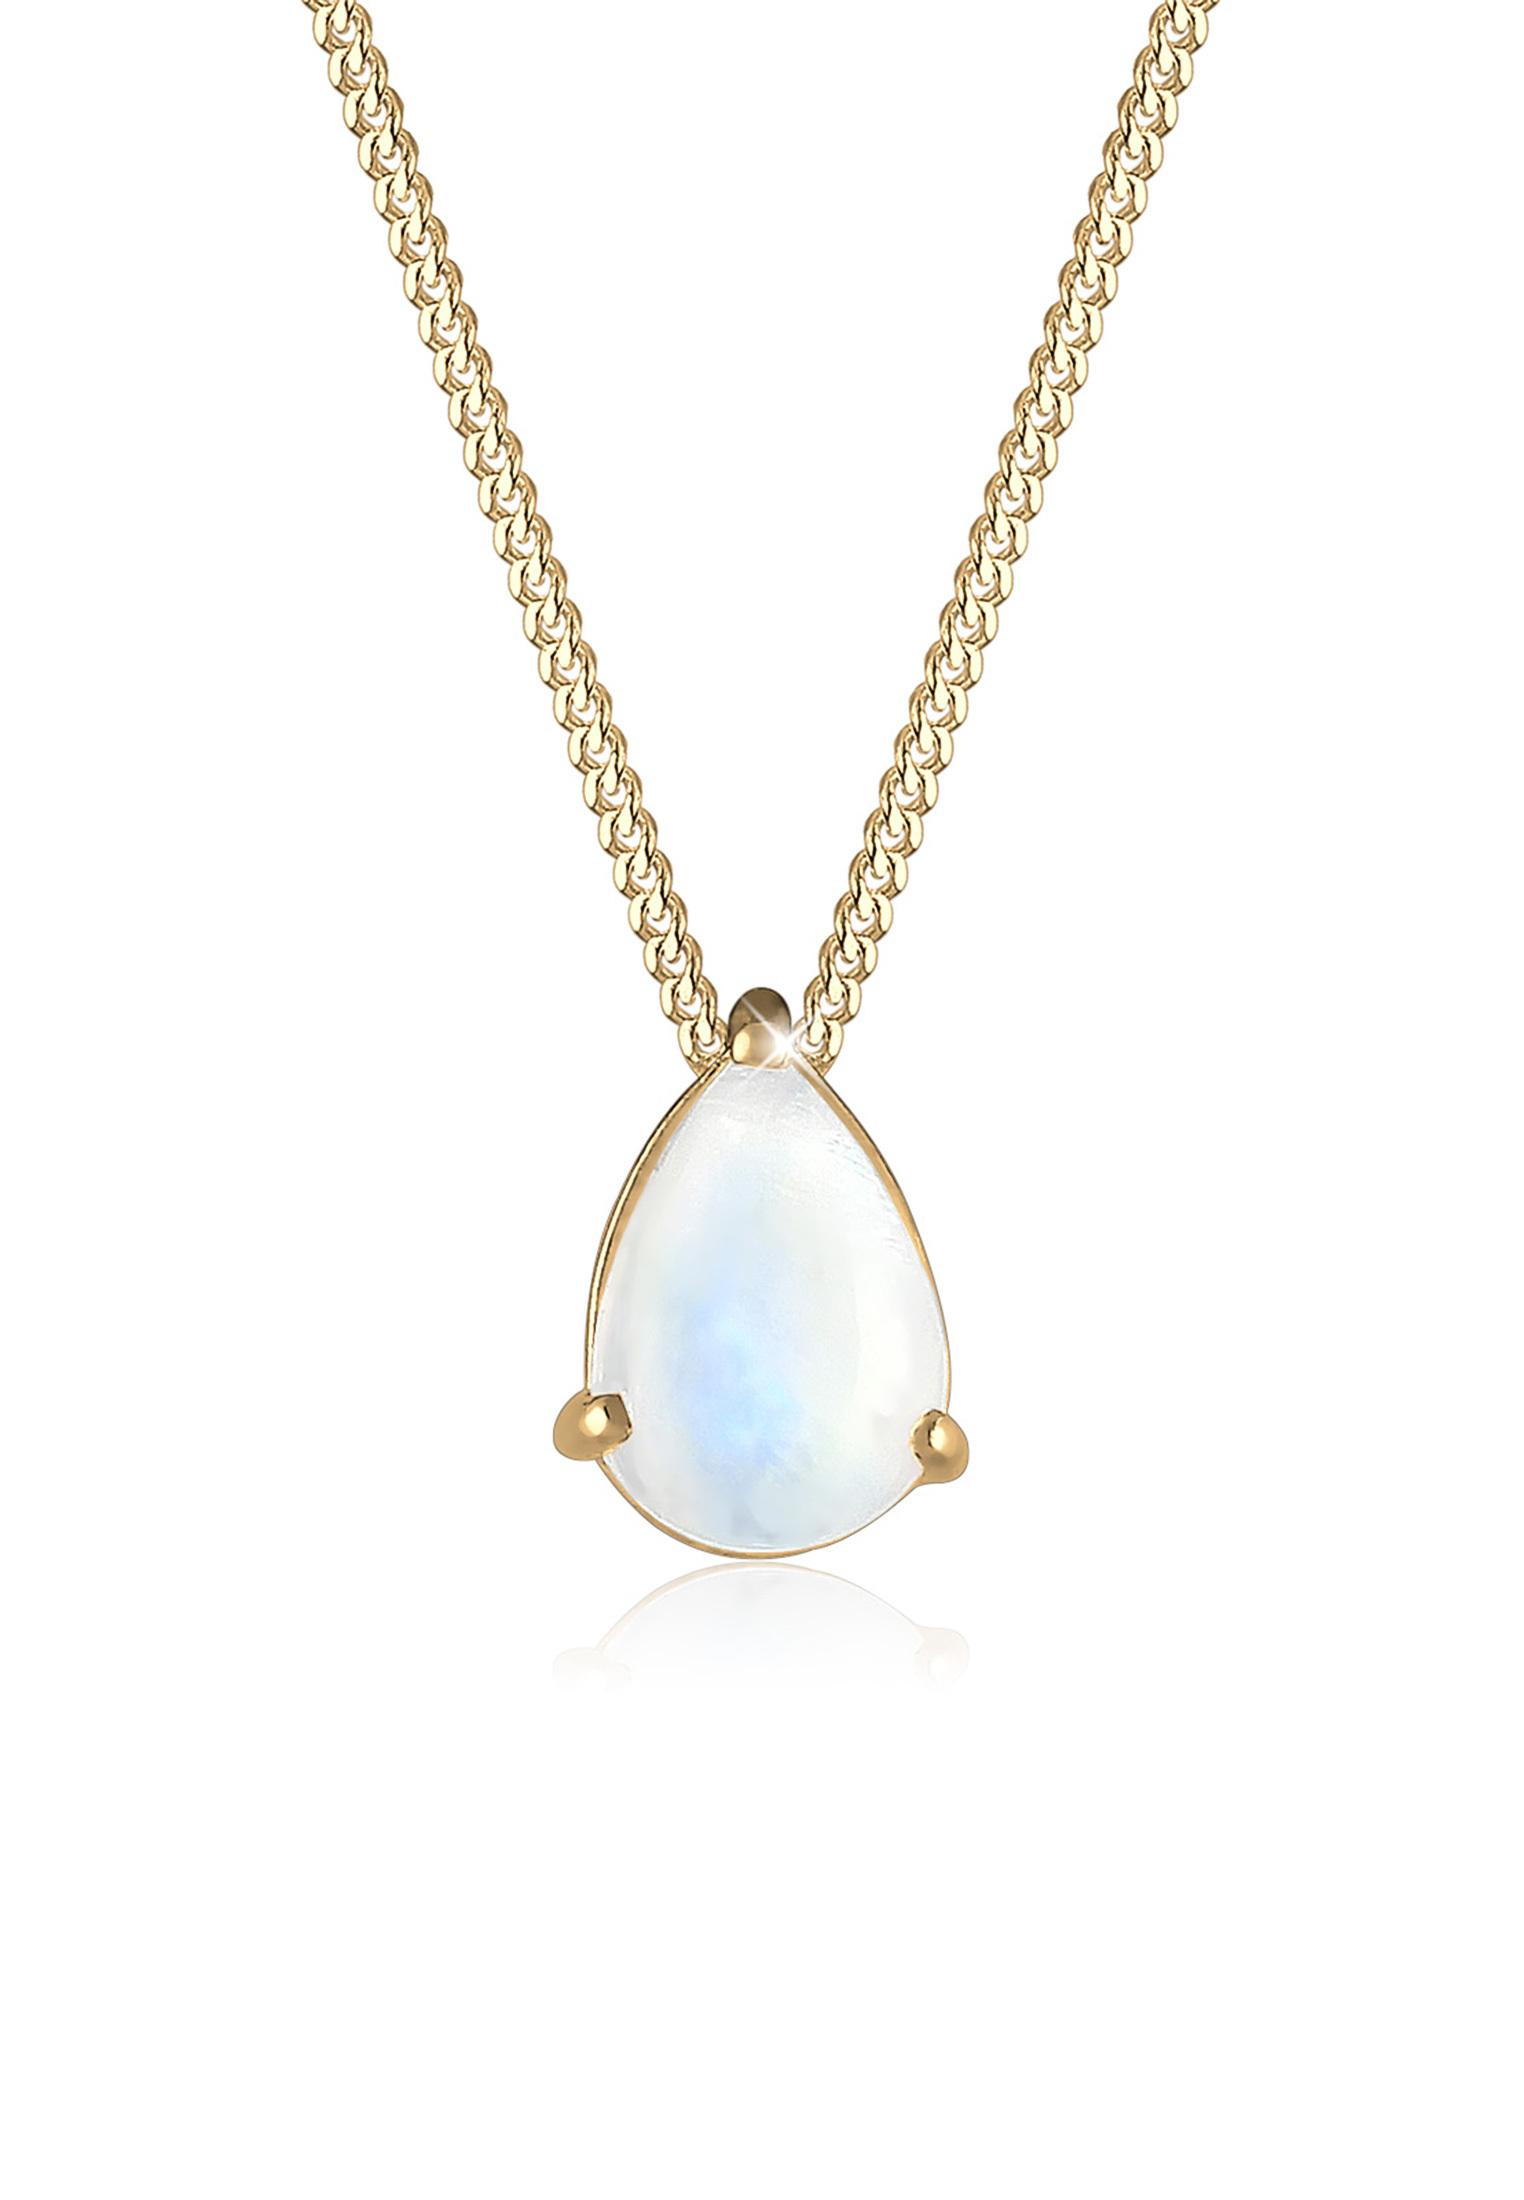 Halskette   Mondstein ( Weiß )   925 Sterling Silber vergoldet